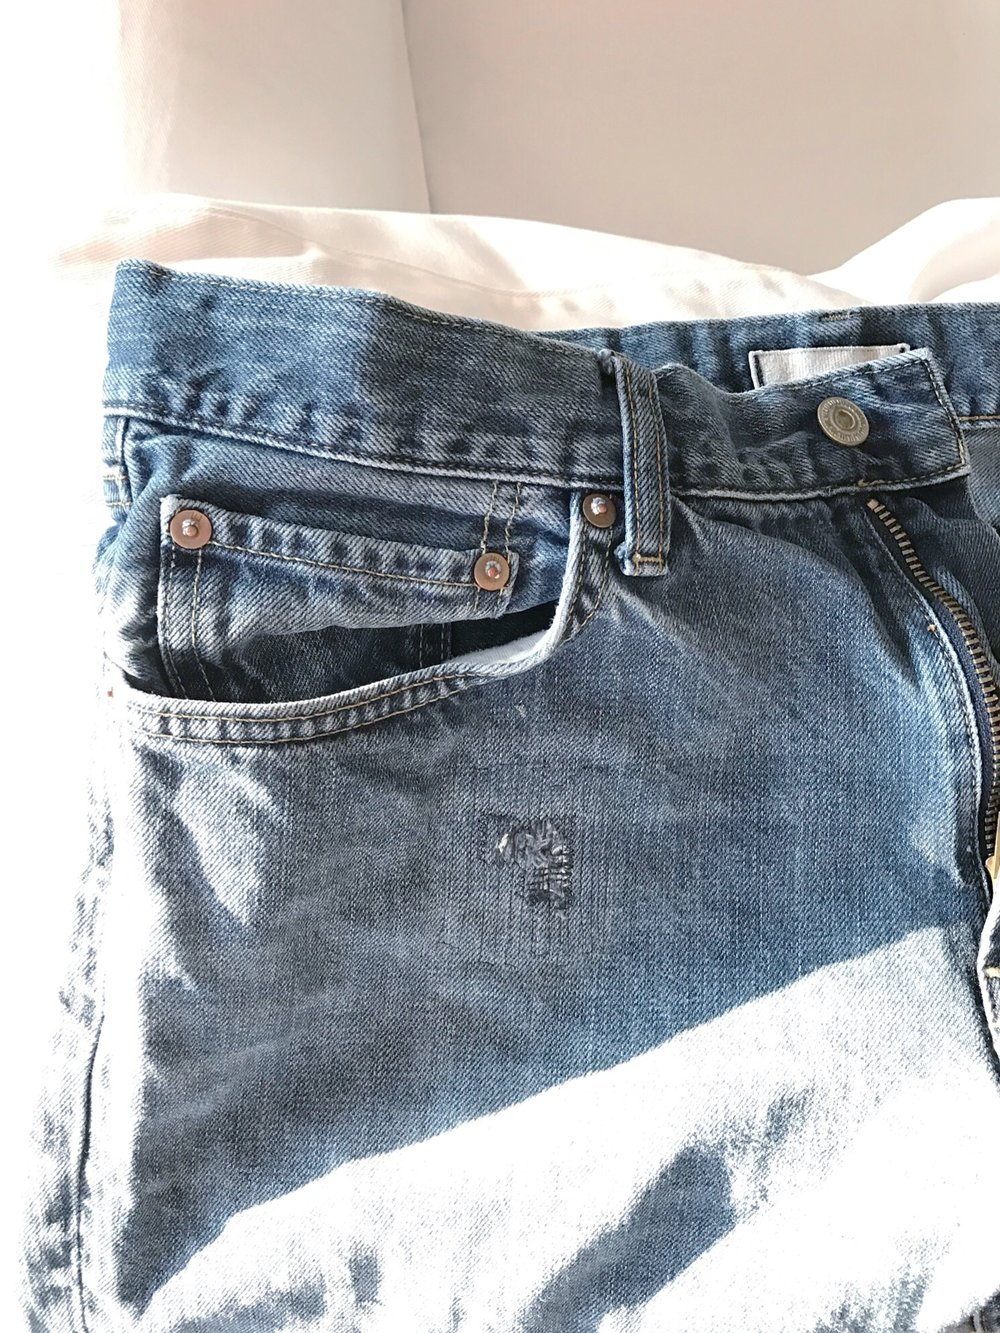 mended-jeans.jpg